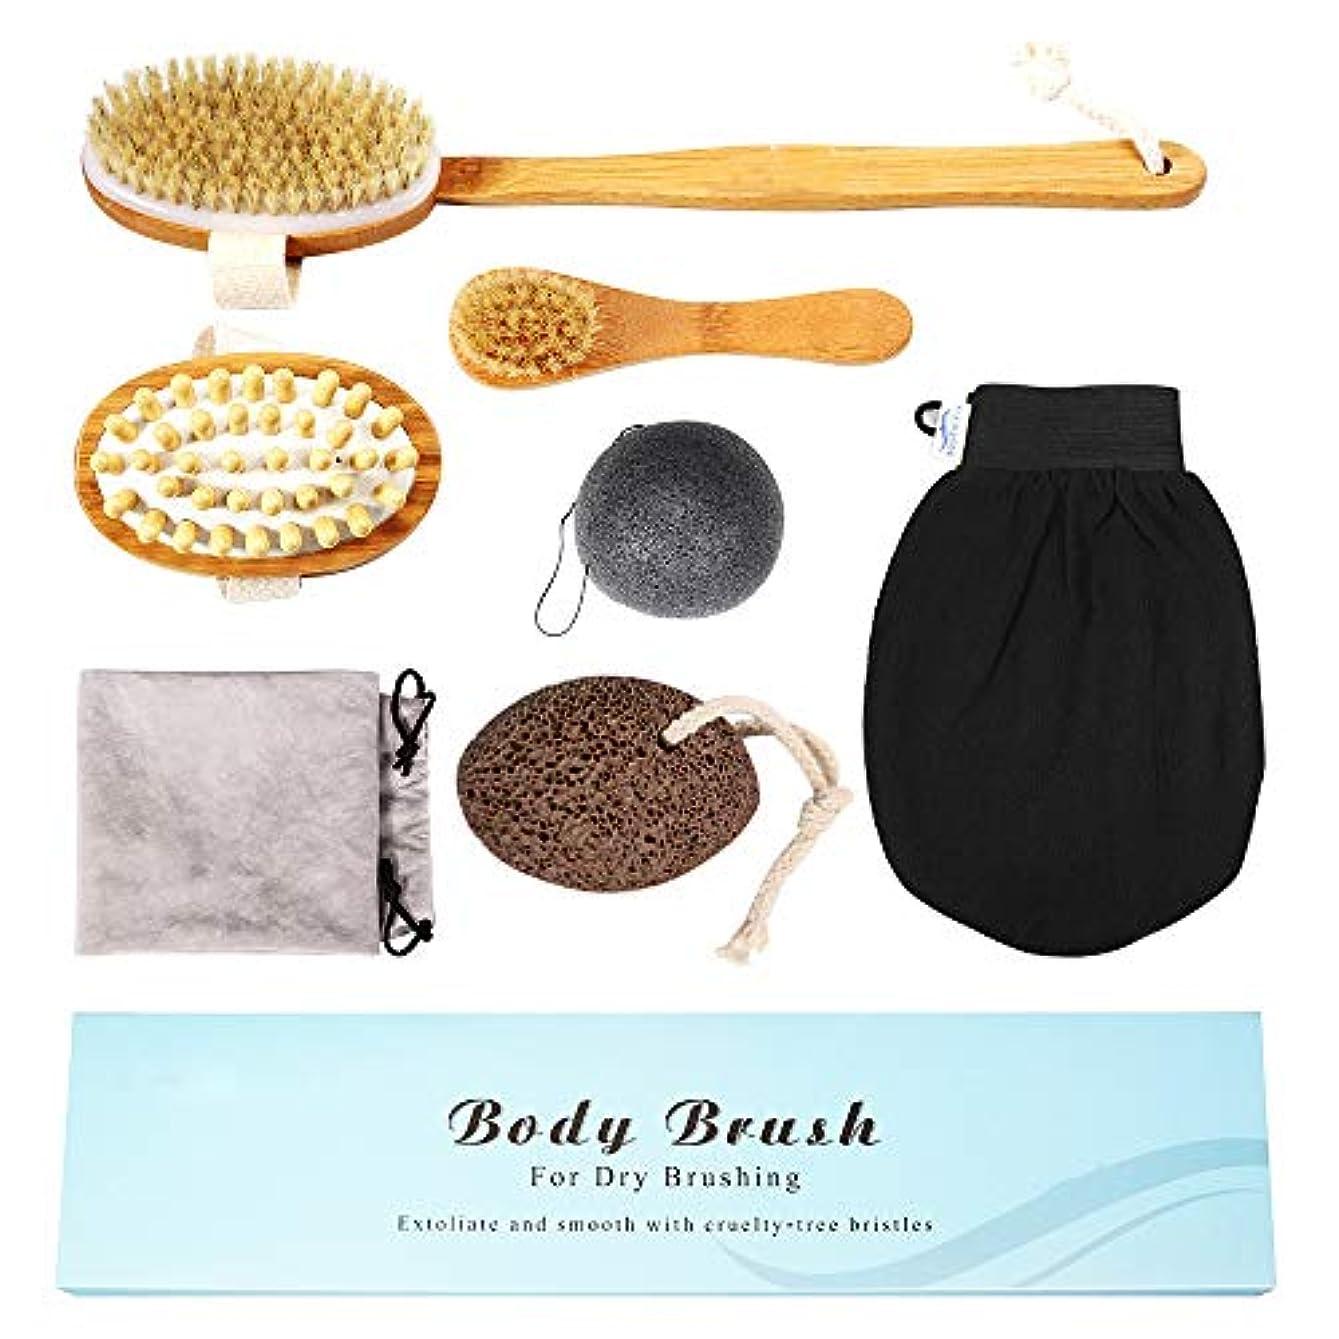 ゴールド比べるいくつかのリンパドレナージとセルライト治療のためのプレミアムドライブラッシングボディブラシセット、イノシシ毛ブラシ、ロングハンドルボディブラシ